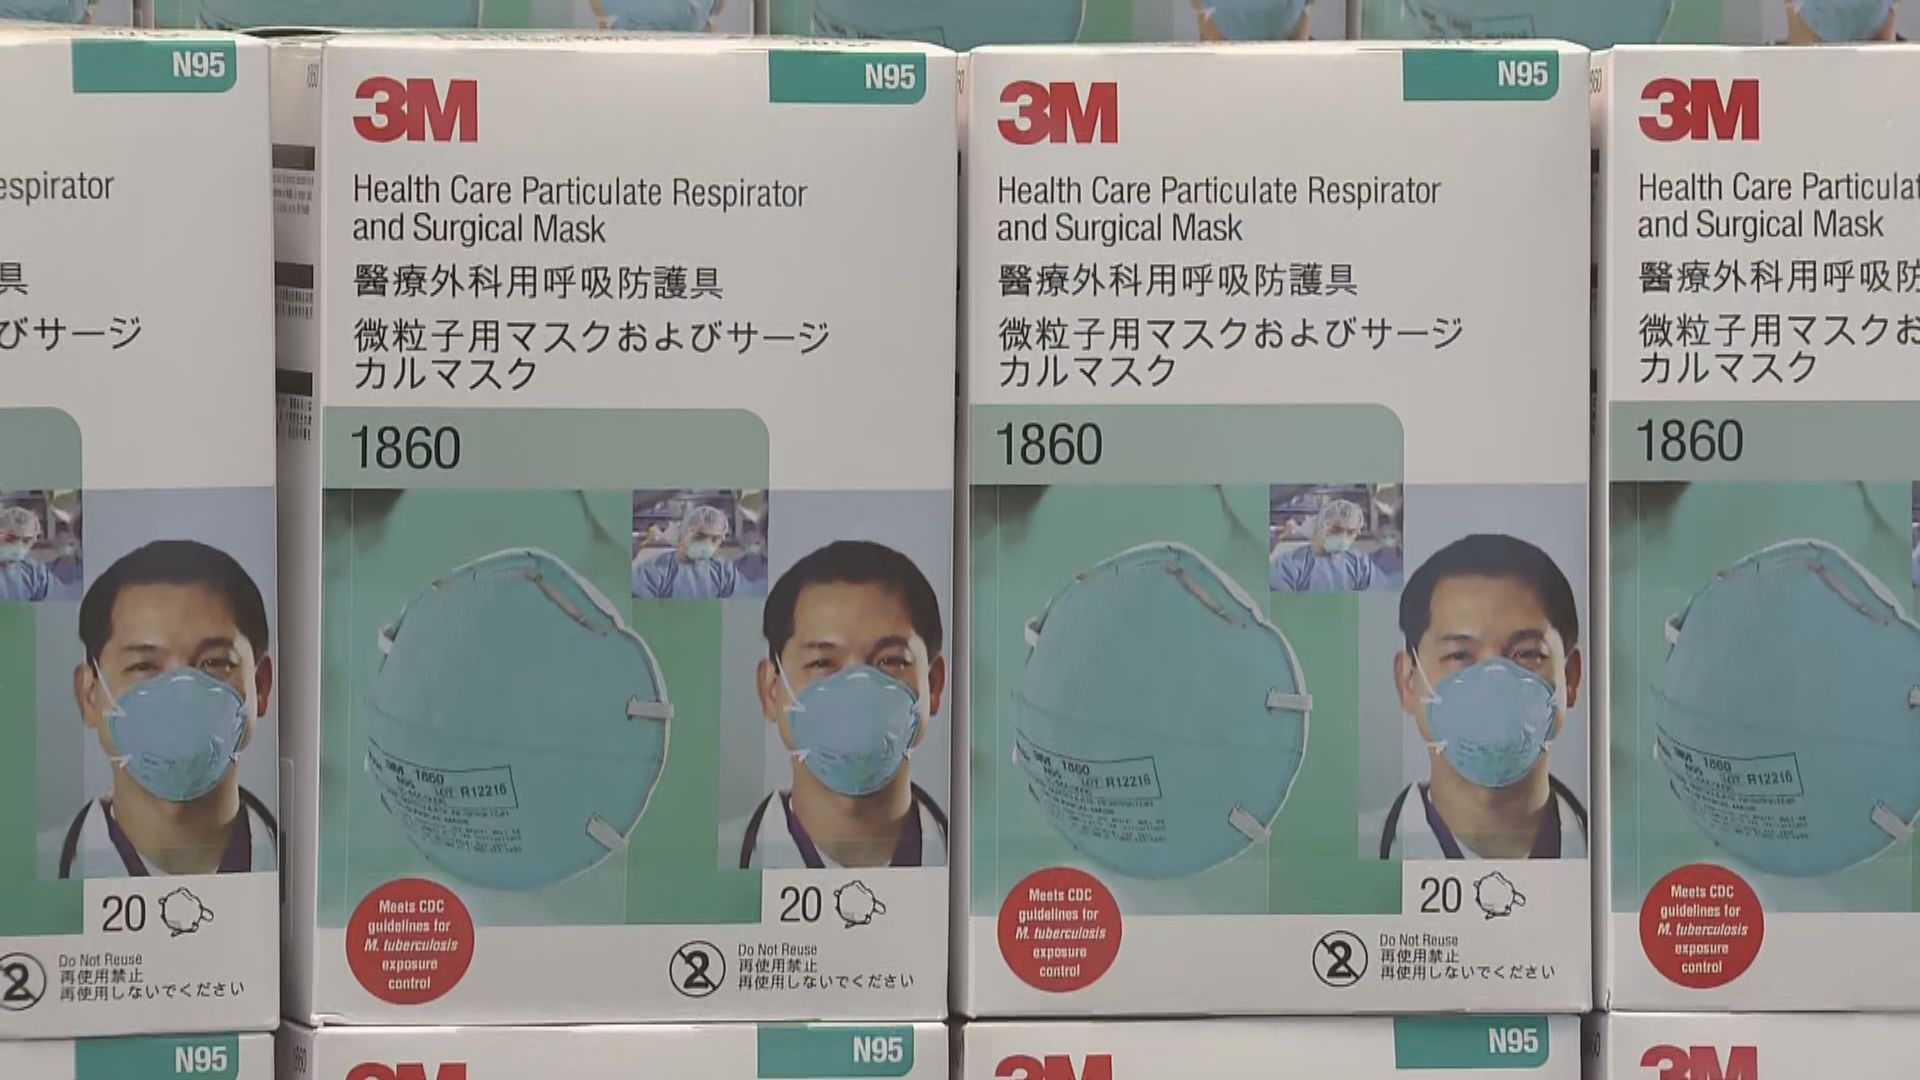 海關檢33萬個冒牌N95呼吸器 未有流出本地市面